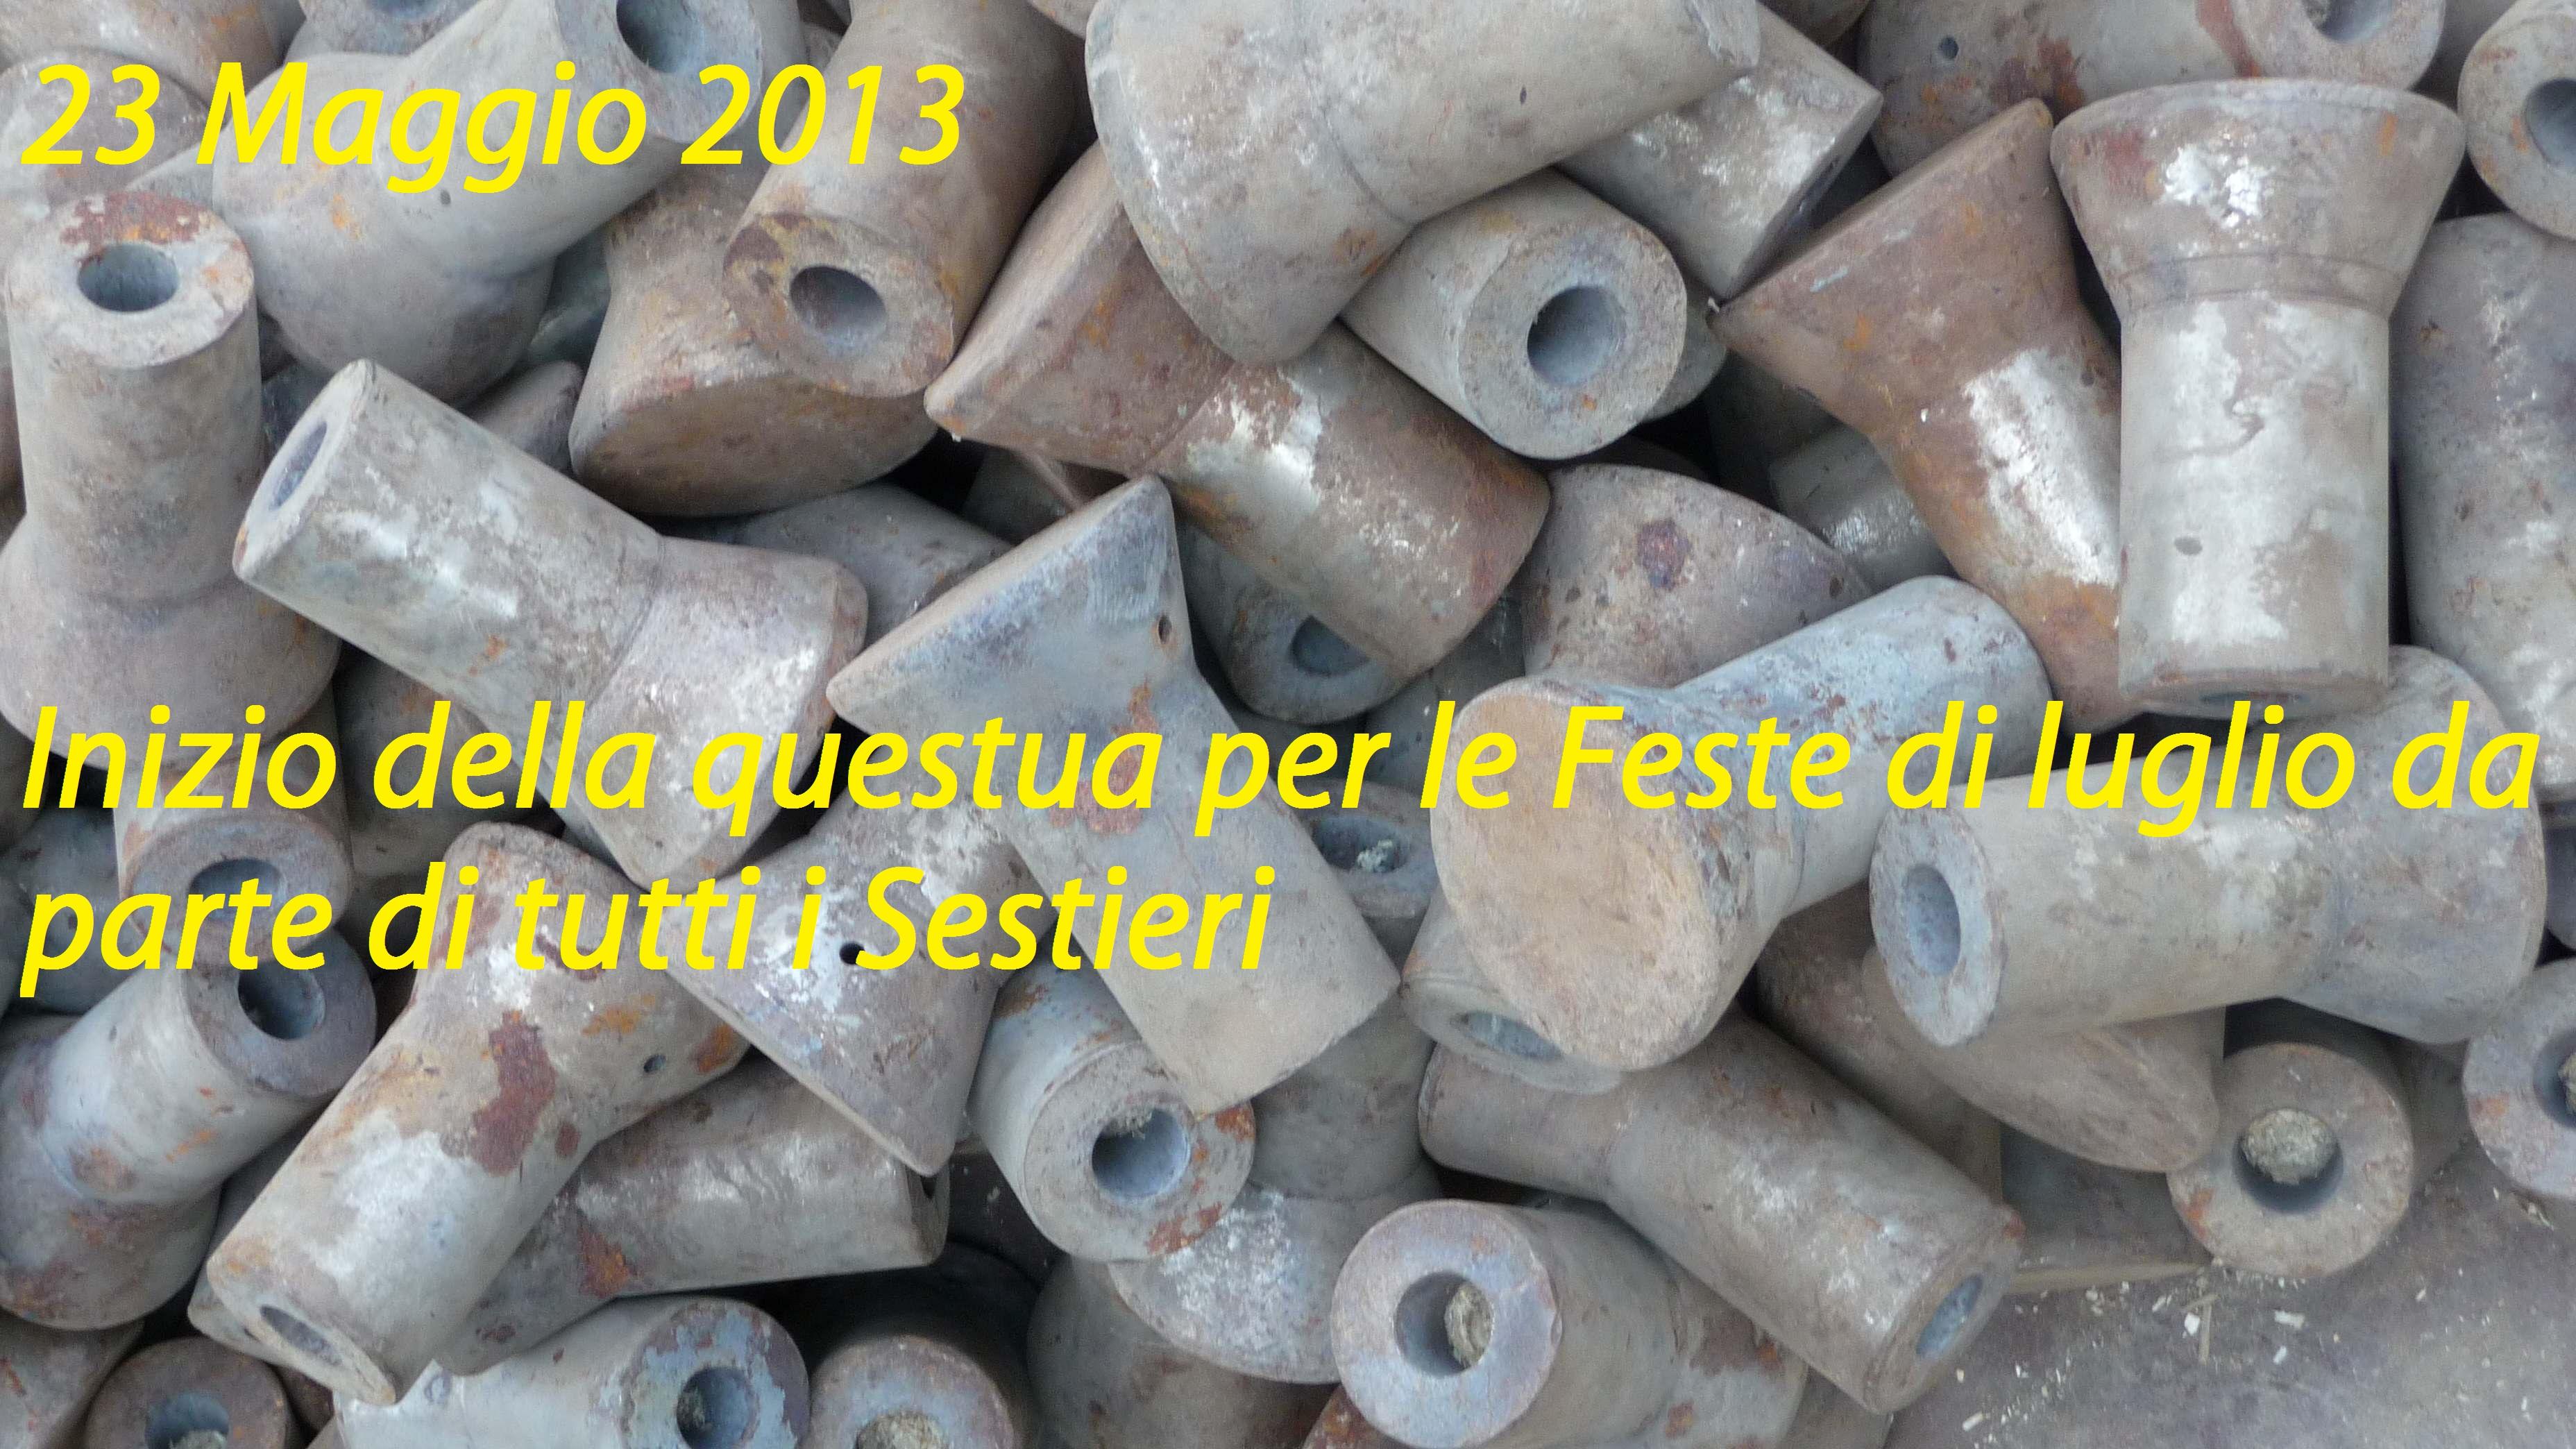 feste di luglio 1-2-3 Rapallo (Ge) - Pagina 5 Turno